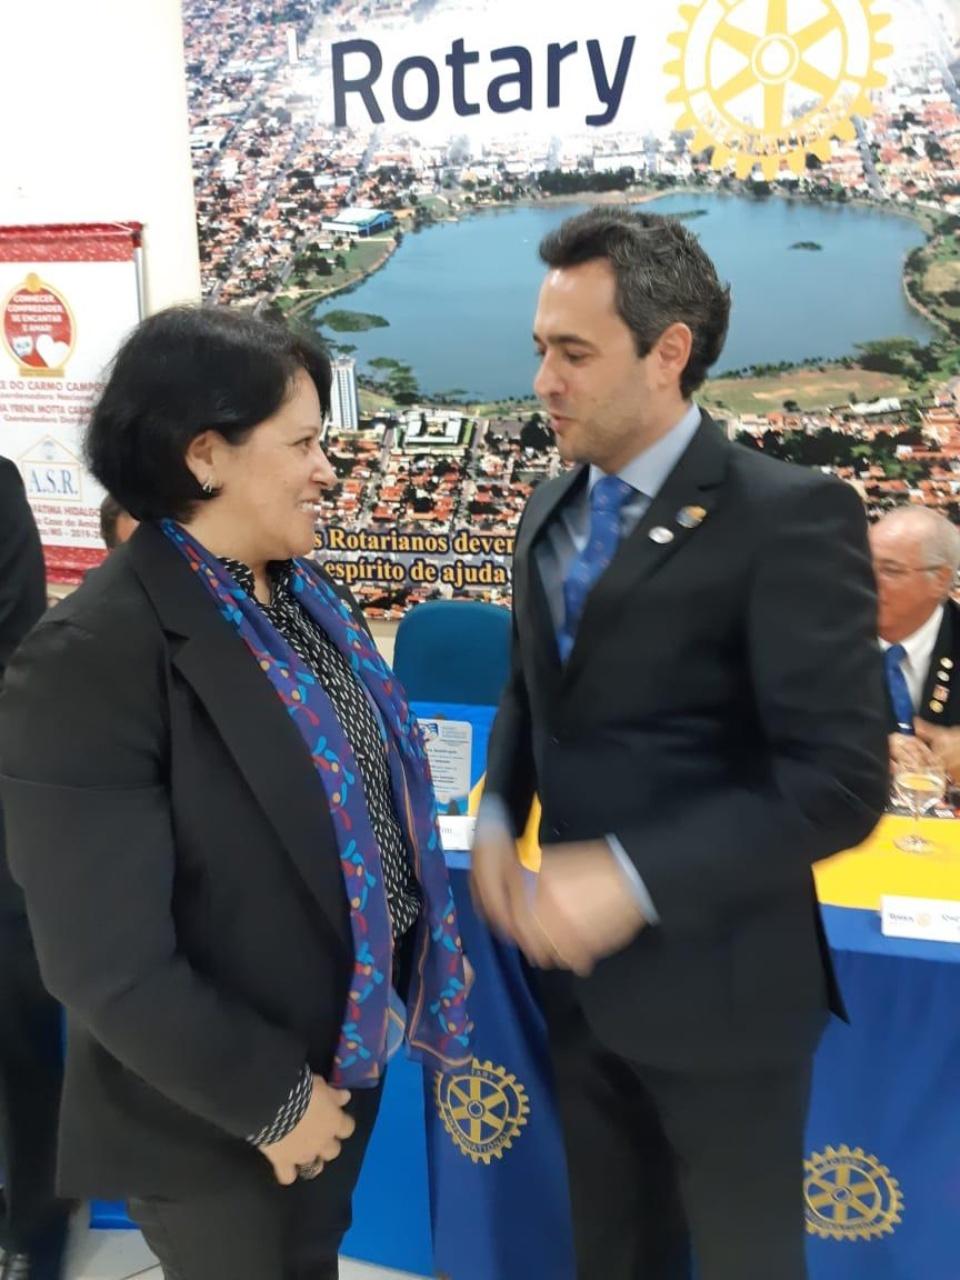 Solenidade marca posse do novo Presidente do Rotary Club de Três Lagoas e seu Conselho Diretor